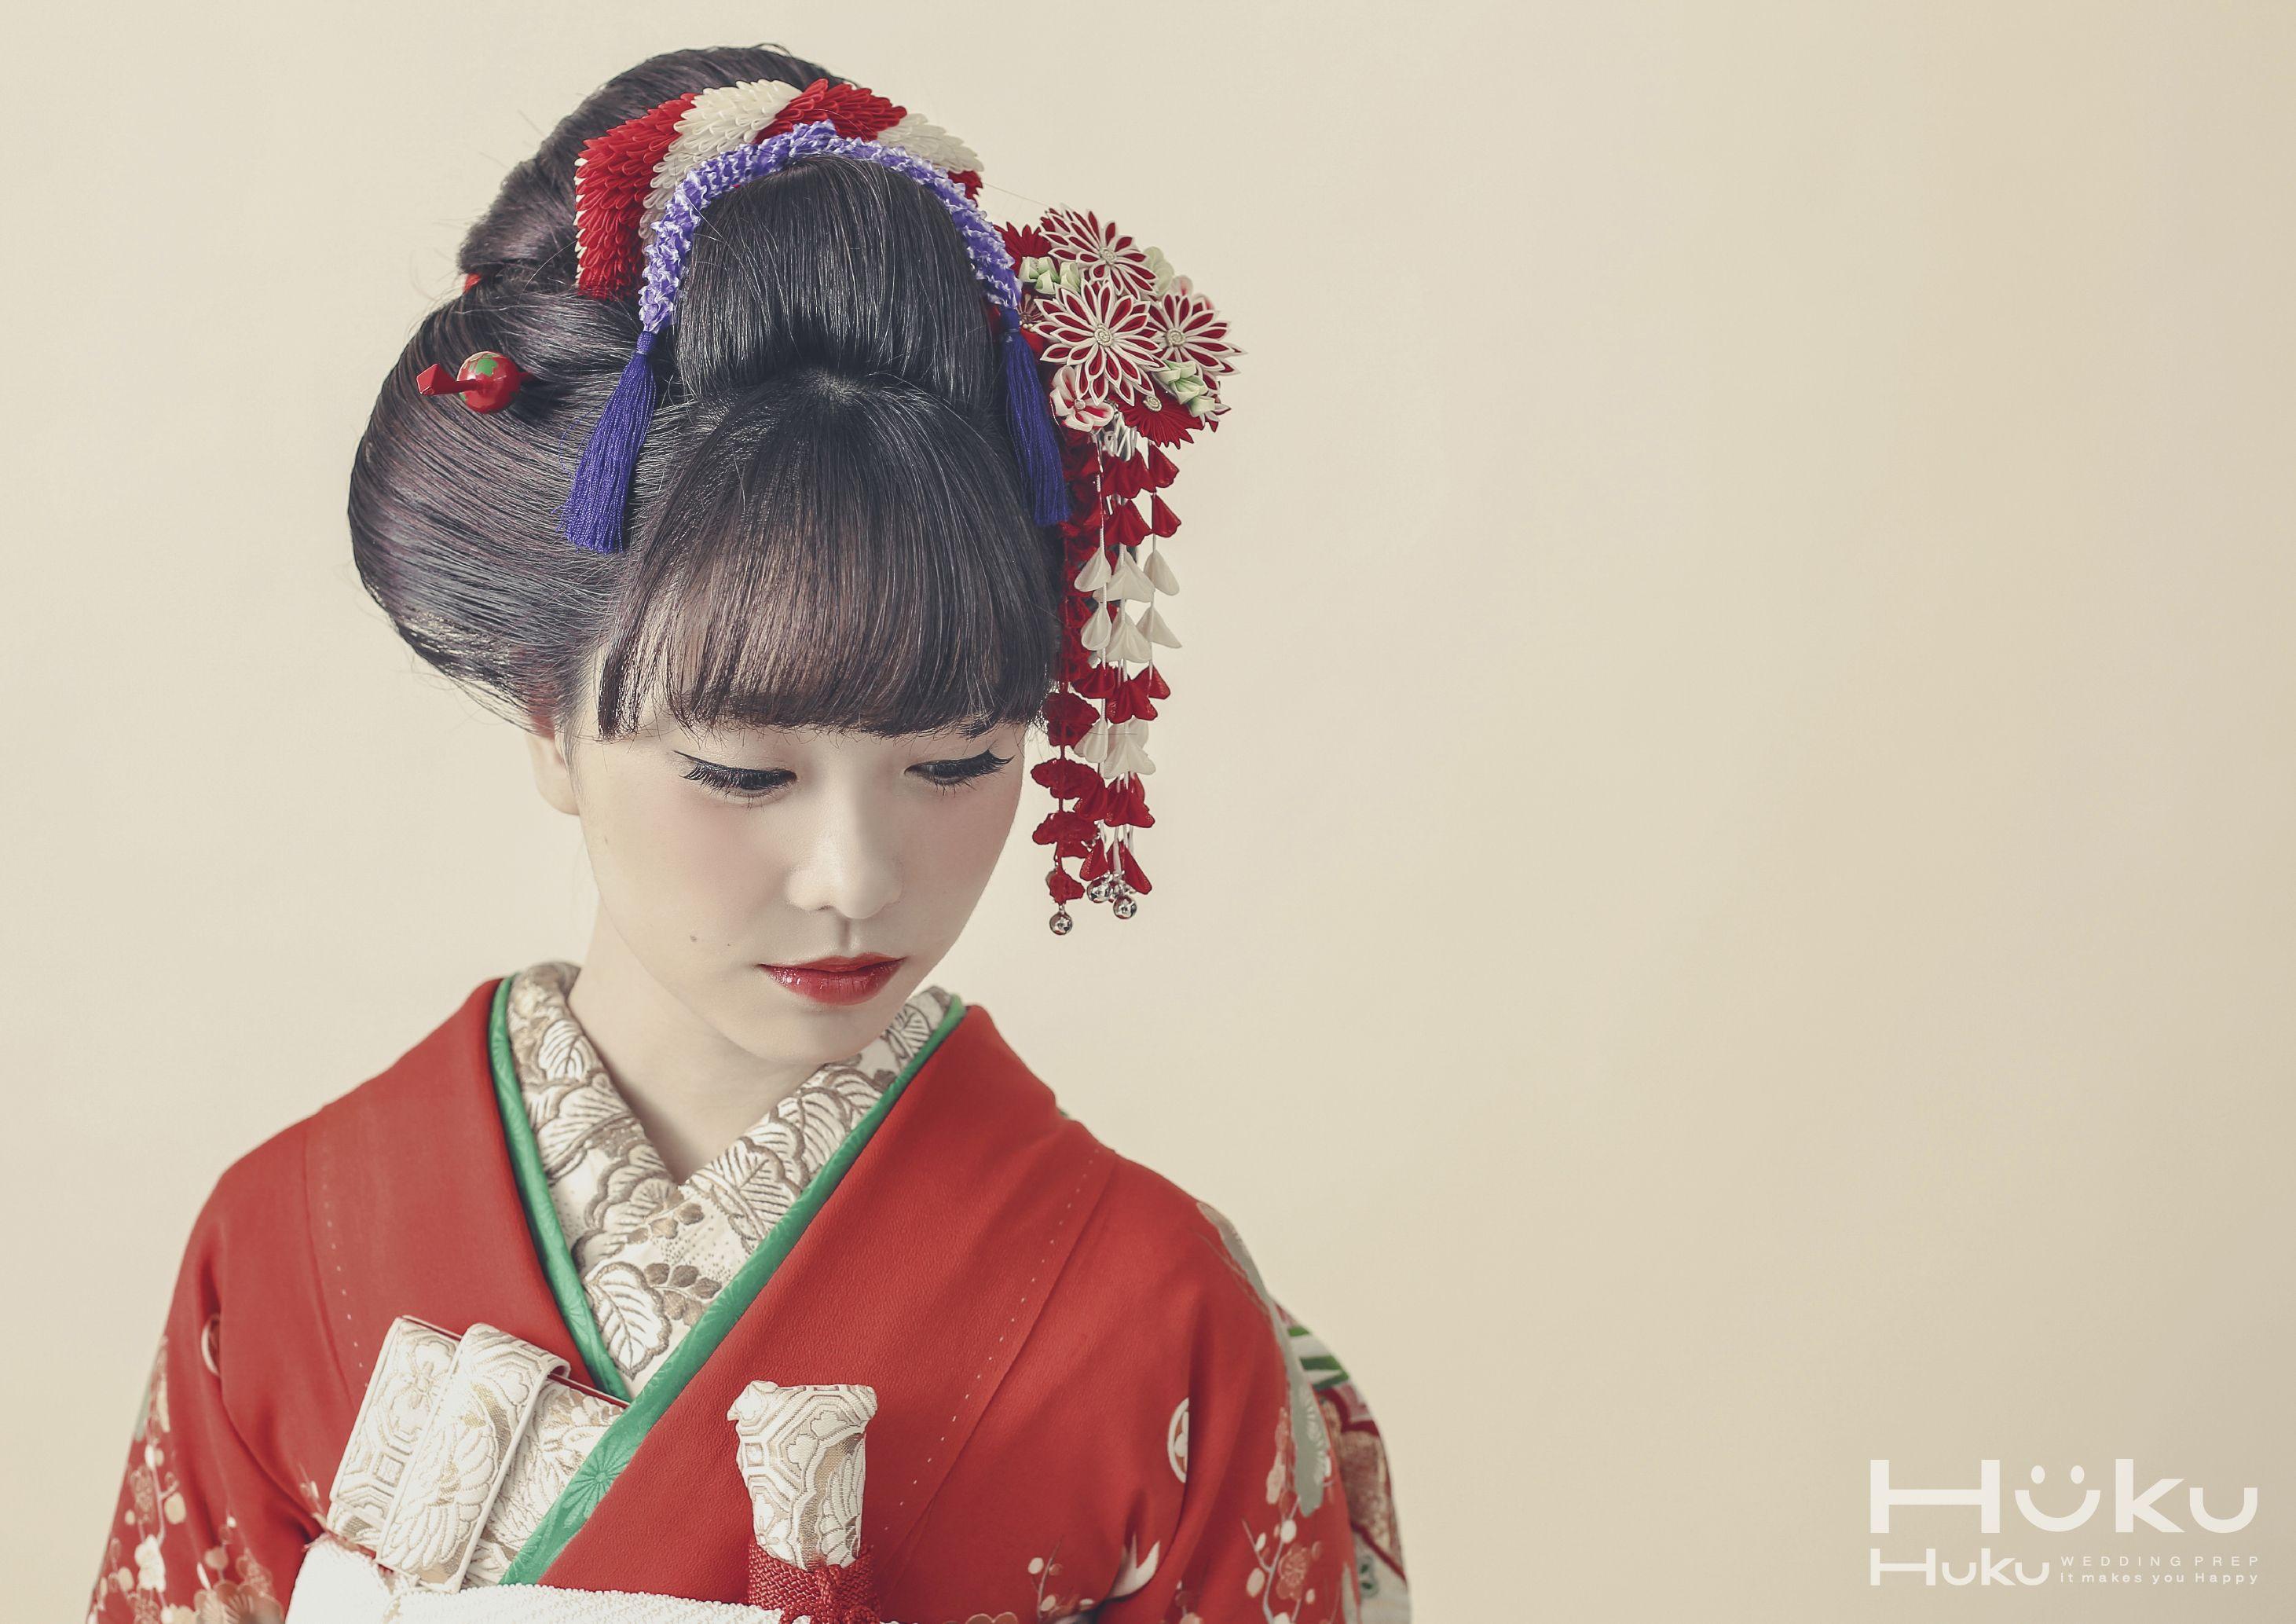 前髪ありの新日本髪も可愛らしくて、額を出したく無い方にはオススメです。 新日本髪#ヘアスタイル#和装ヘア 【縁,enishi,】